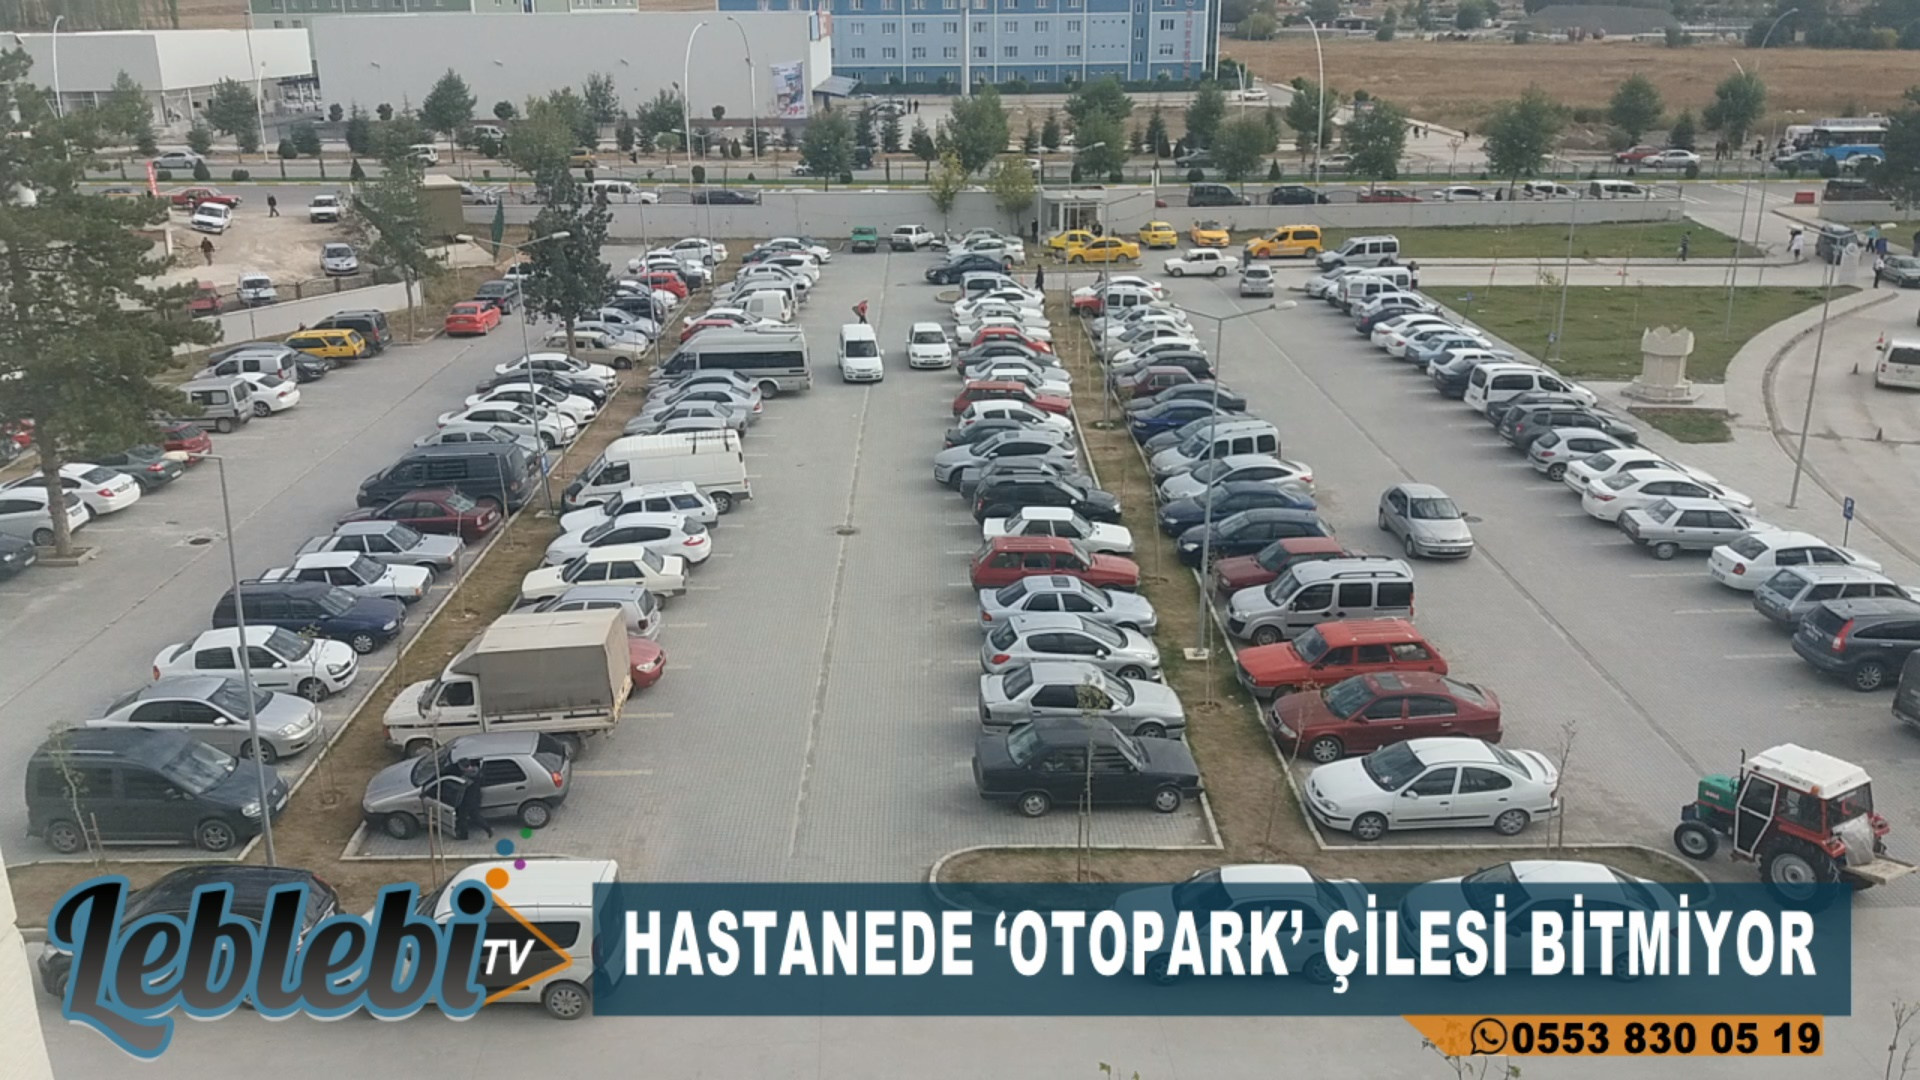 HASTANEDE 'OTOPARK' ÇİLESİ BİTMİYOR